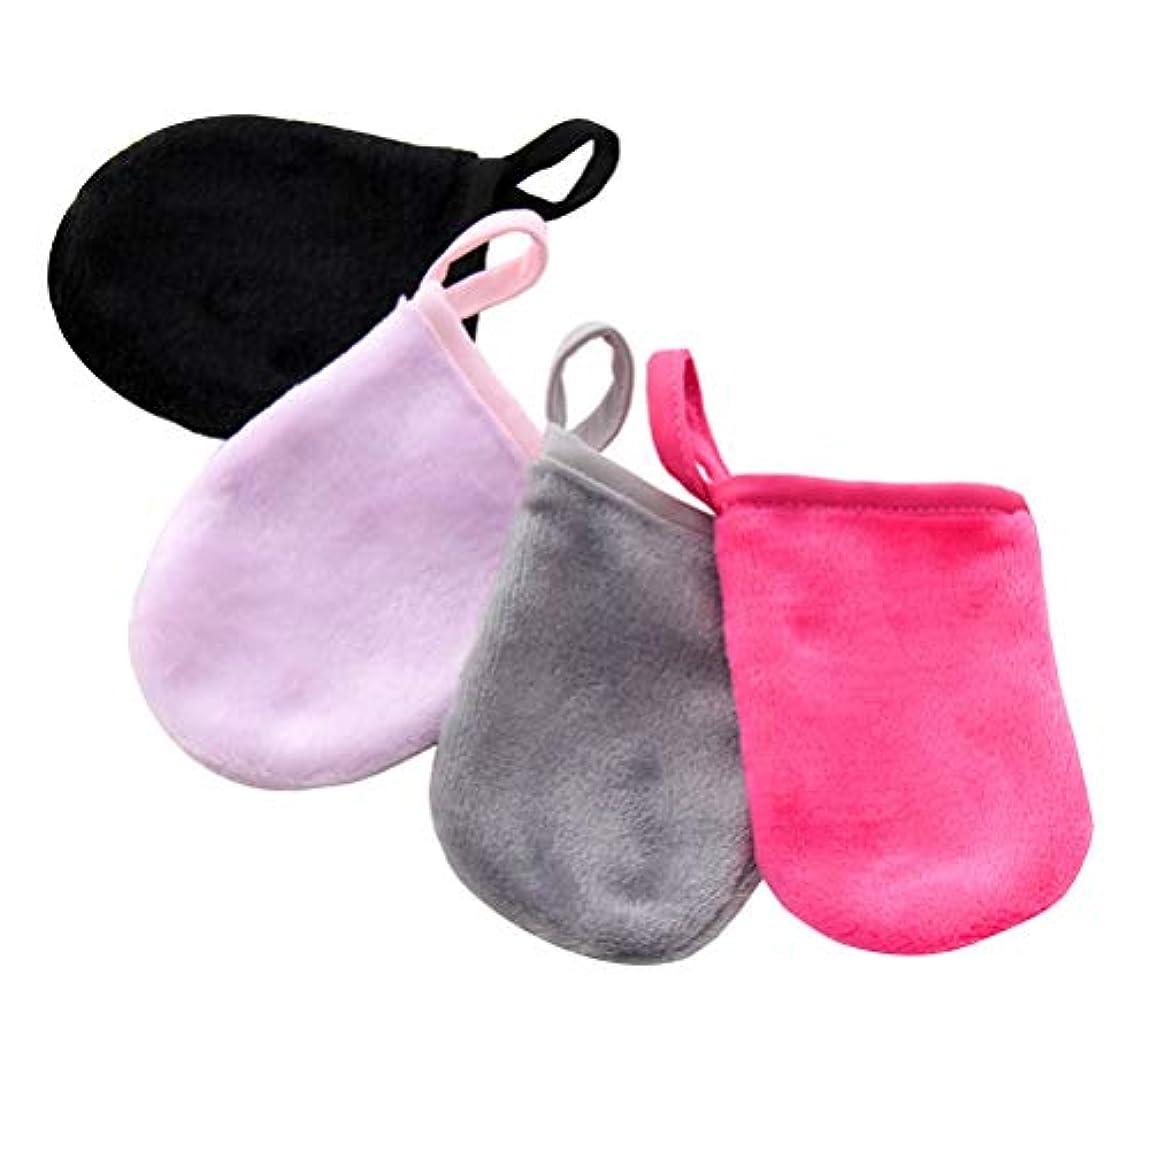 時間最後に義務づけるTOPBATHY 4ピースフェイスクレンジング手袋マイクロファイバーメイク落とし手袋ソフト再利用可能な顔の布タオルパッドスパミット用女性女の子(混色)